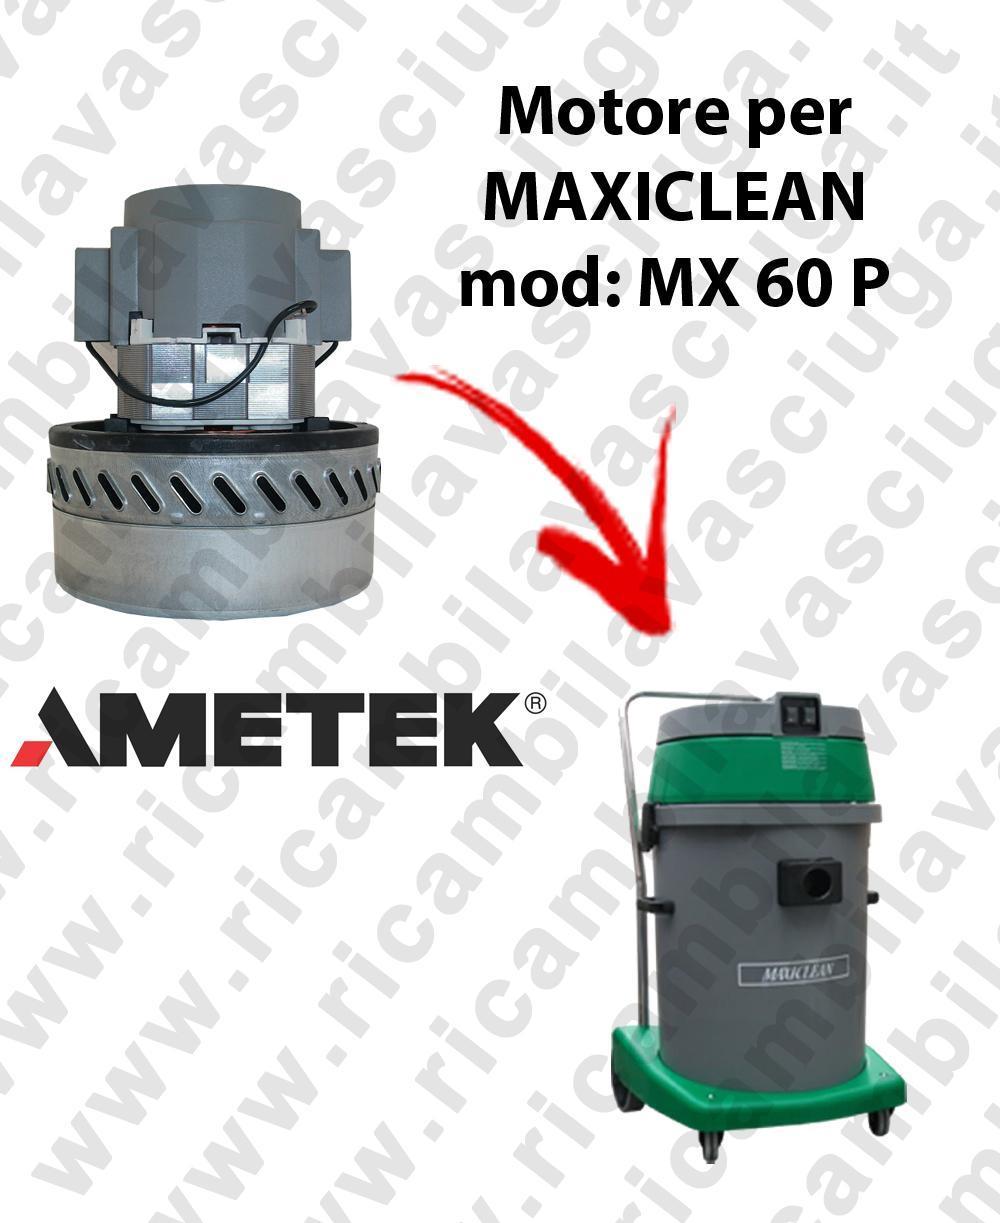 MX 60 P Motore de aspiración AMETEK para aspiradora y aspiradora húmeda MAXICLEAN